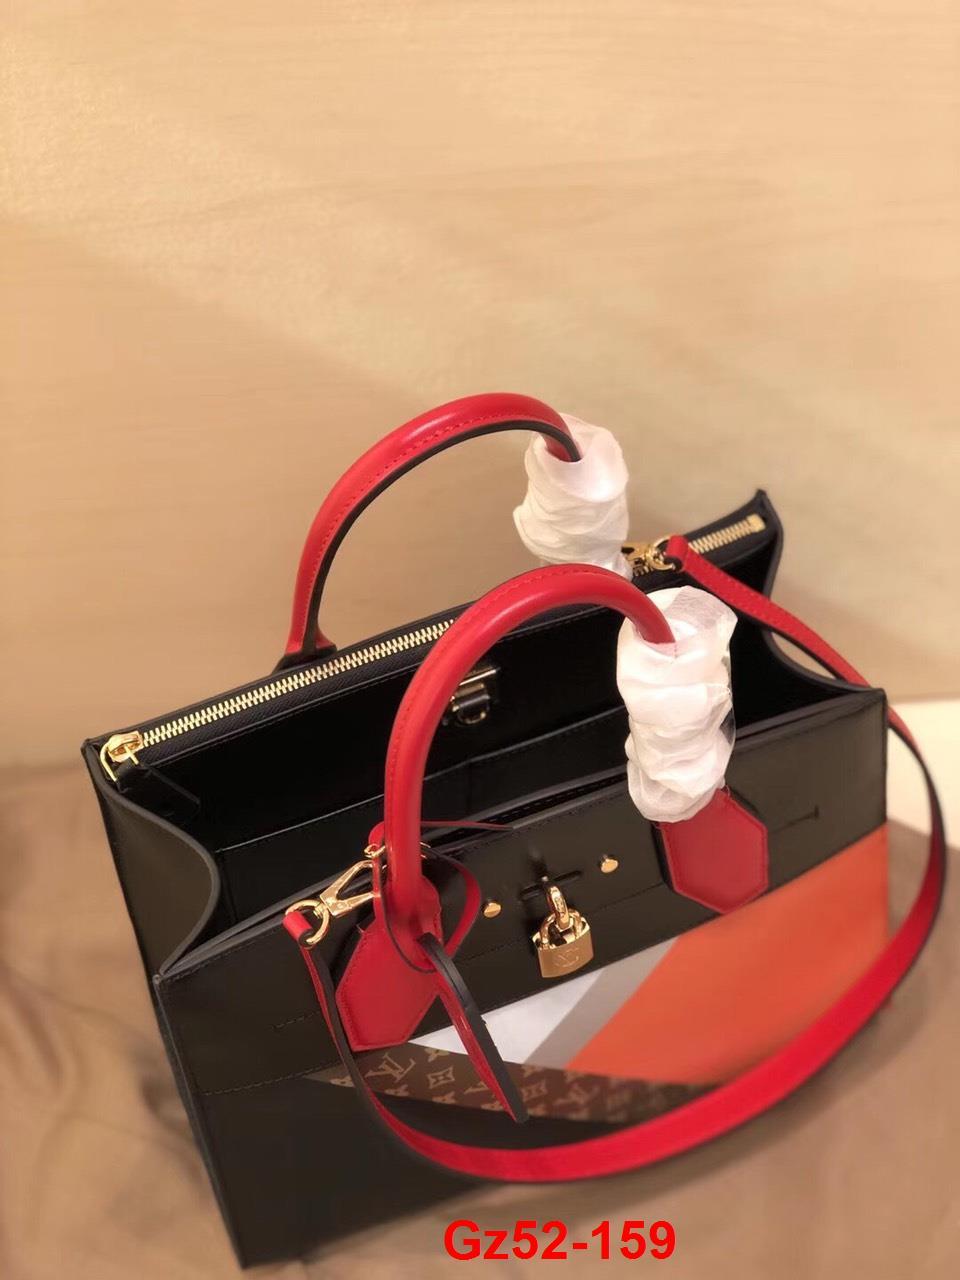 Gz52-159 Louis Vuitton túi size 26cm, 31cm siêu cấp